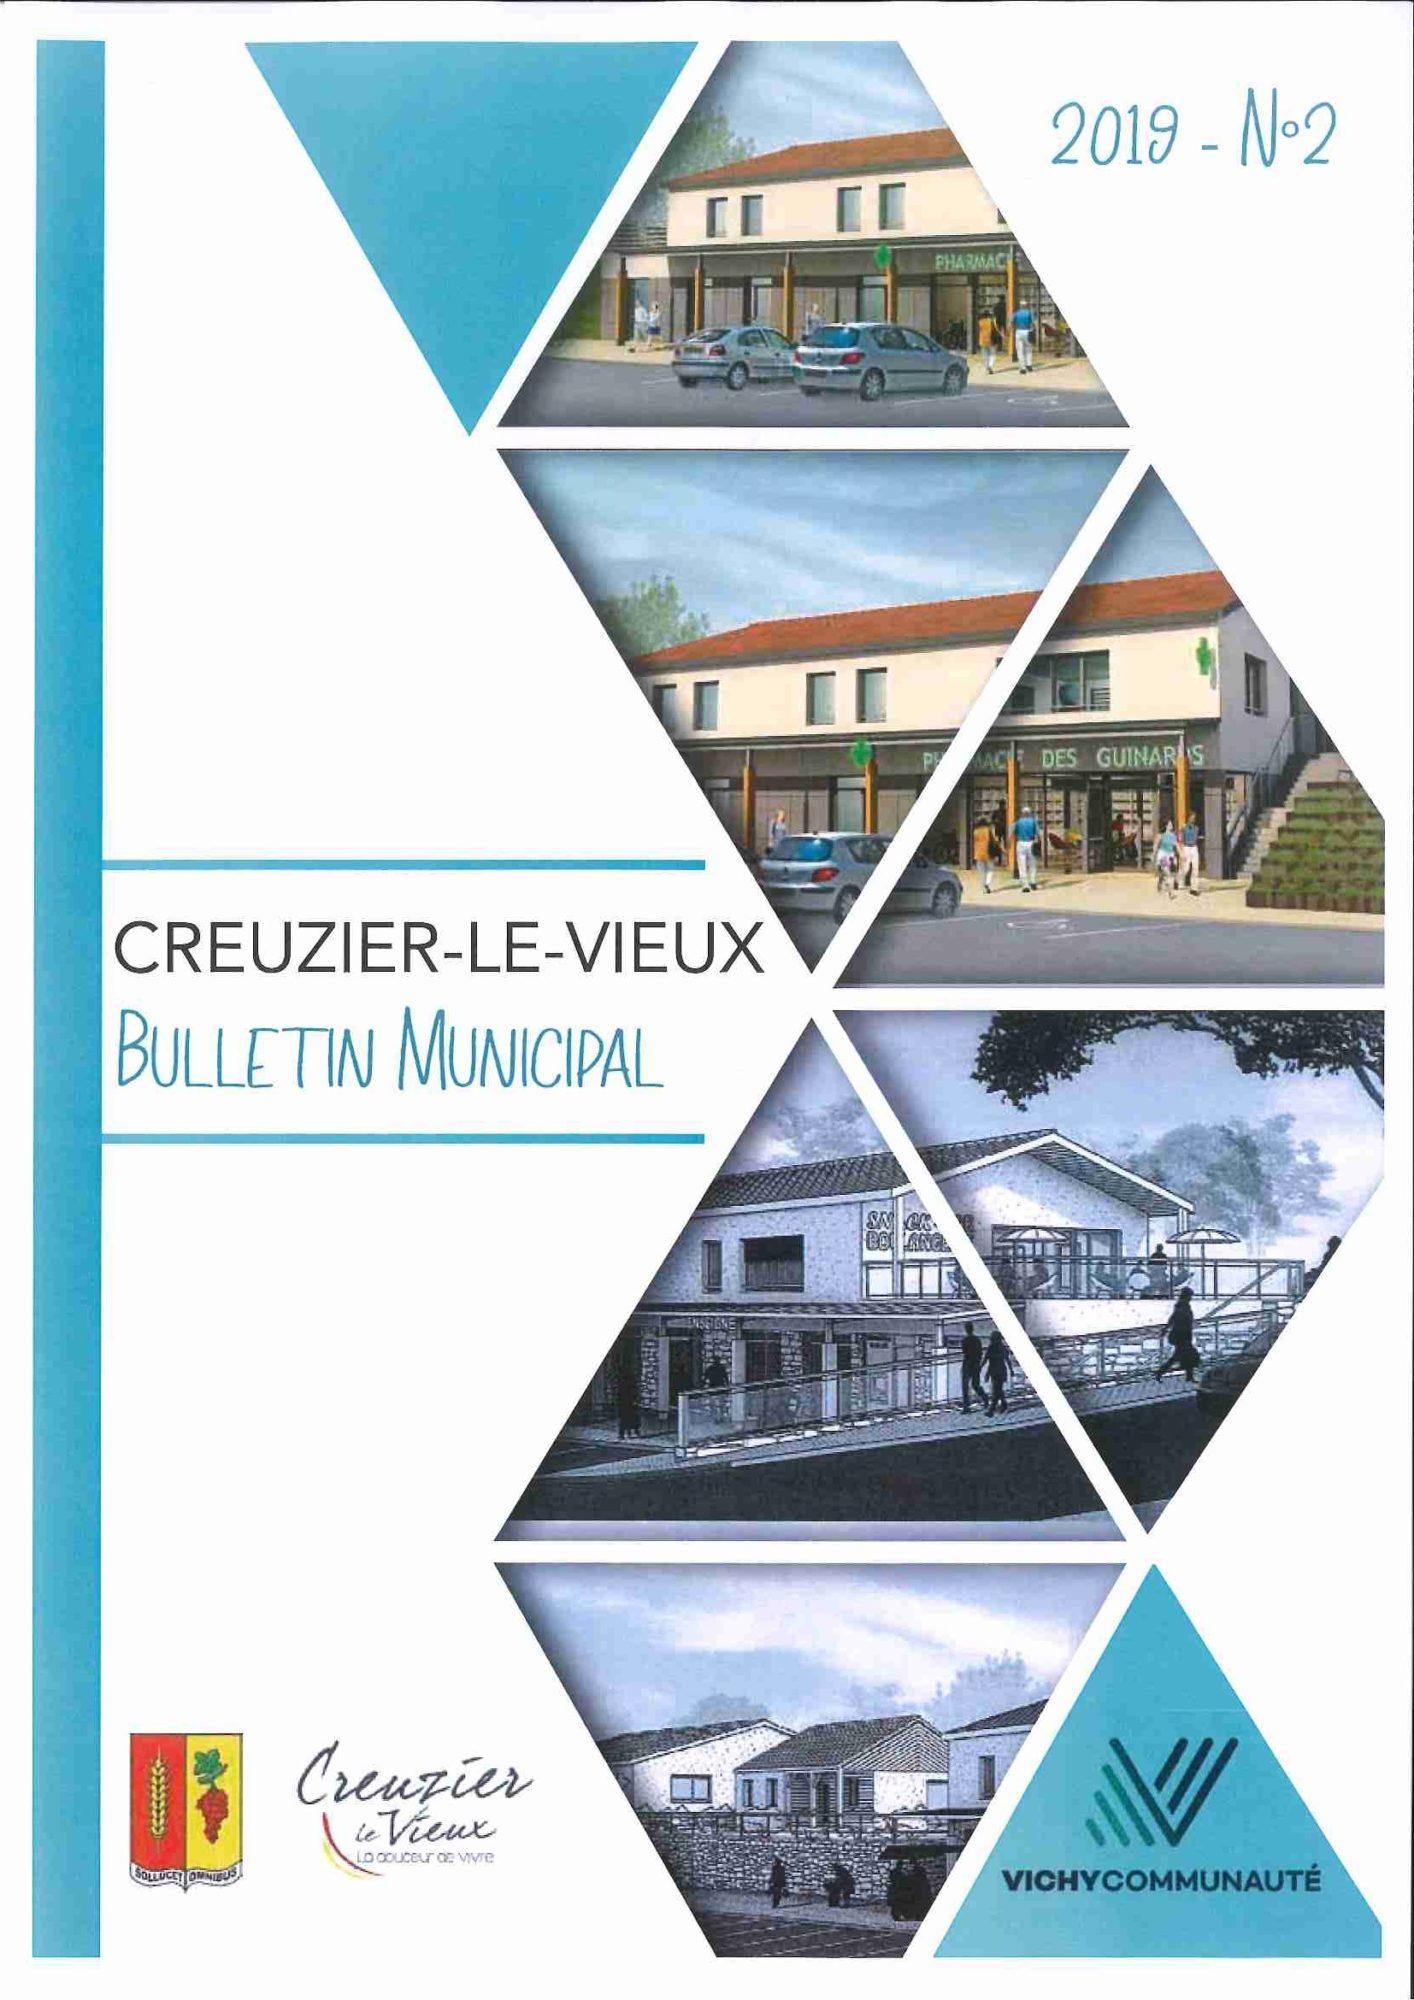 http://www.creuzier-le-vieux.com/wp-content/uploads/2019/08/BM-2-2019-juillet-2019.pdf